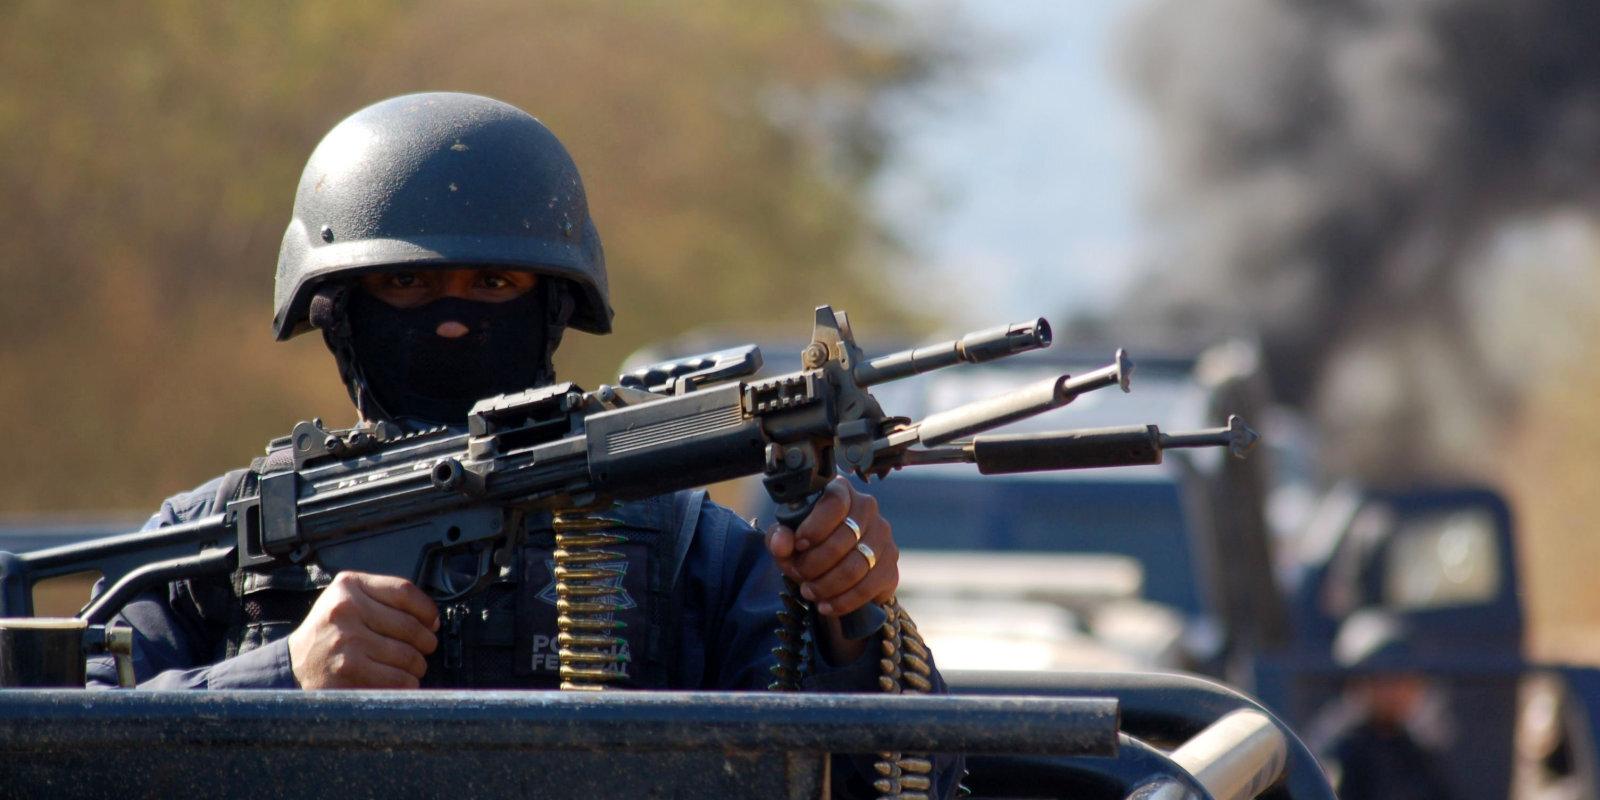 Kādēļ Meksika nespēj uzvarēt karā pret narkotikām